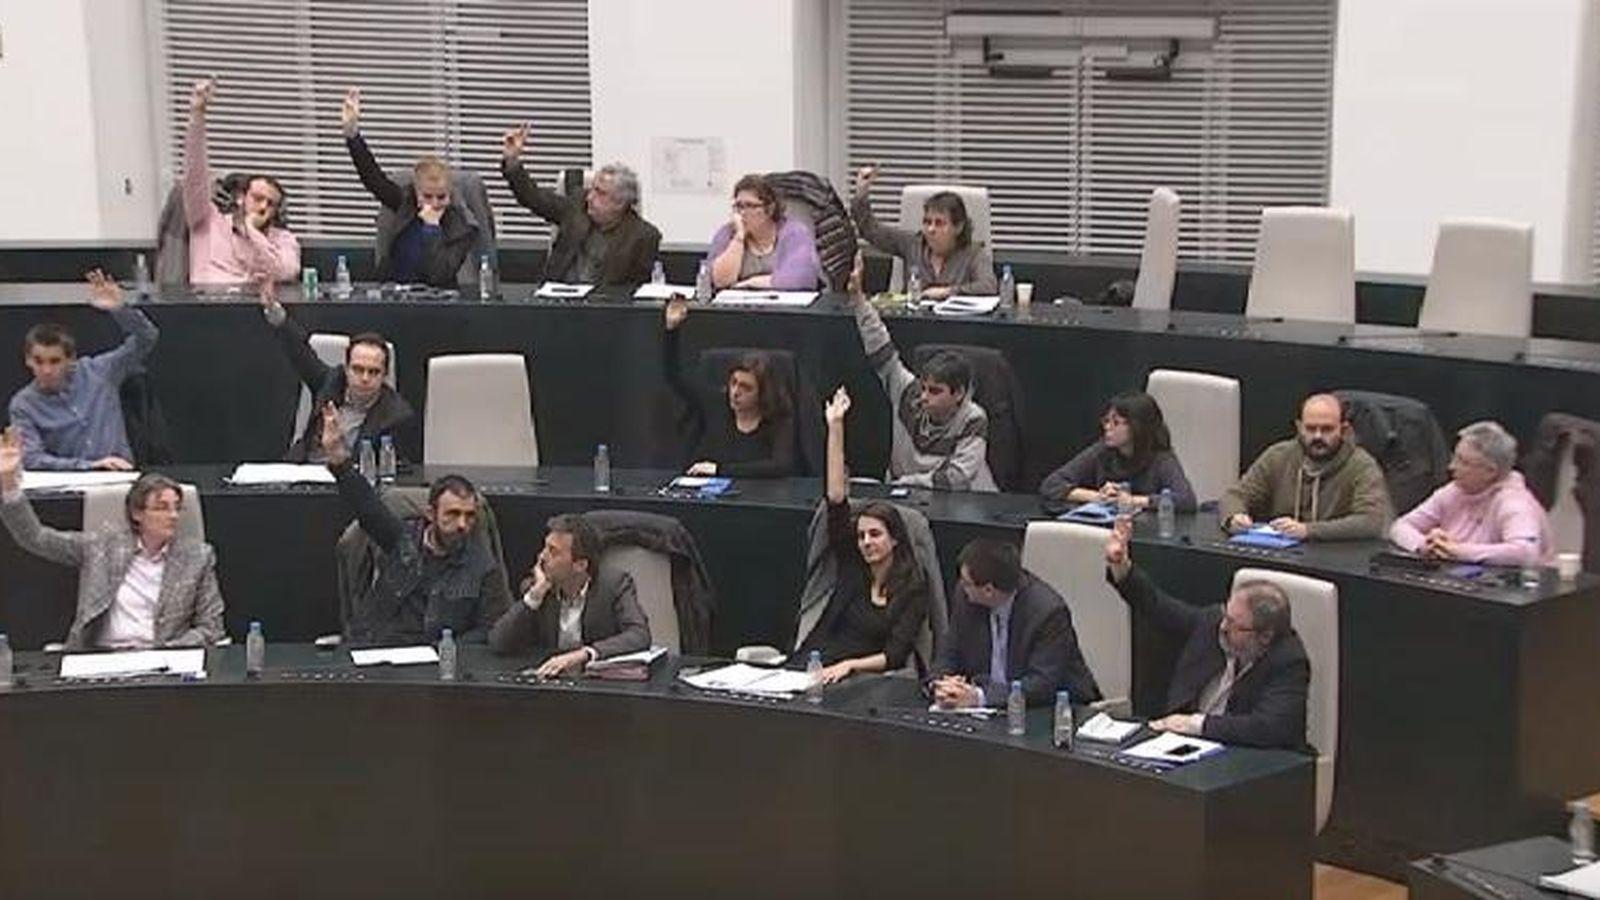 Foto: La bancada de Ahora Madrid vota a favor de dar luz verde al proyecto urbanístico de Raimundo Fernández Villaverde. Seis concejales votaron en contra. (EC)